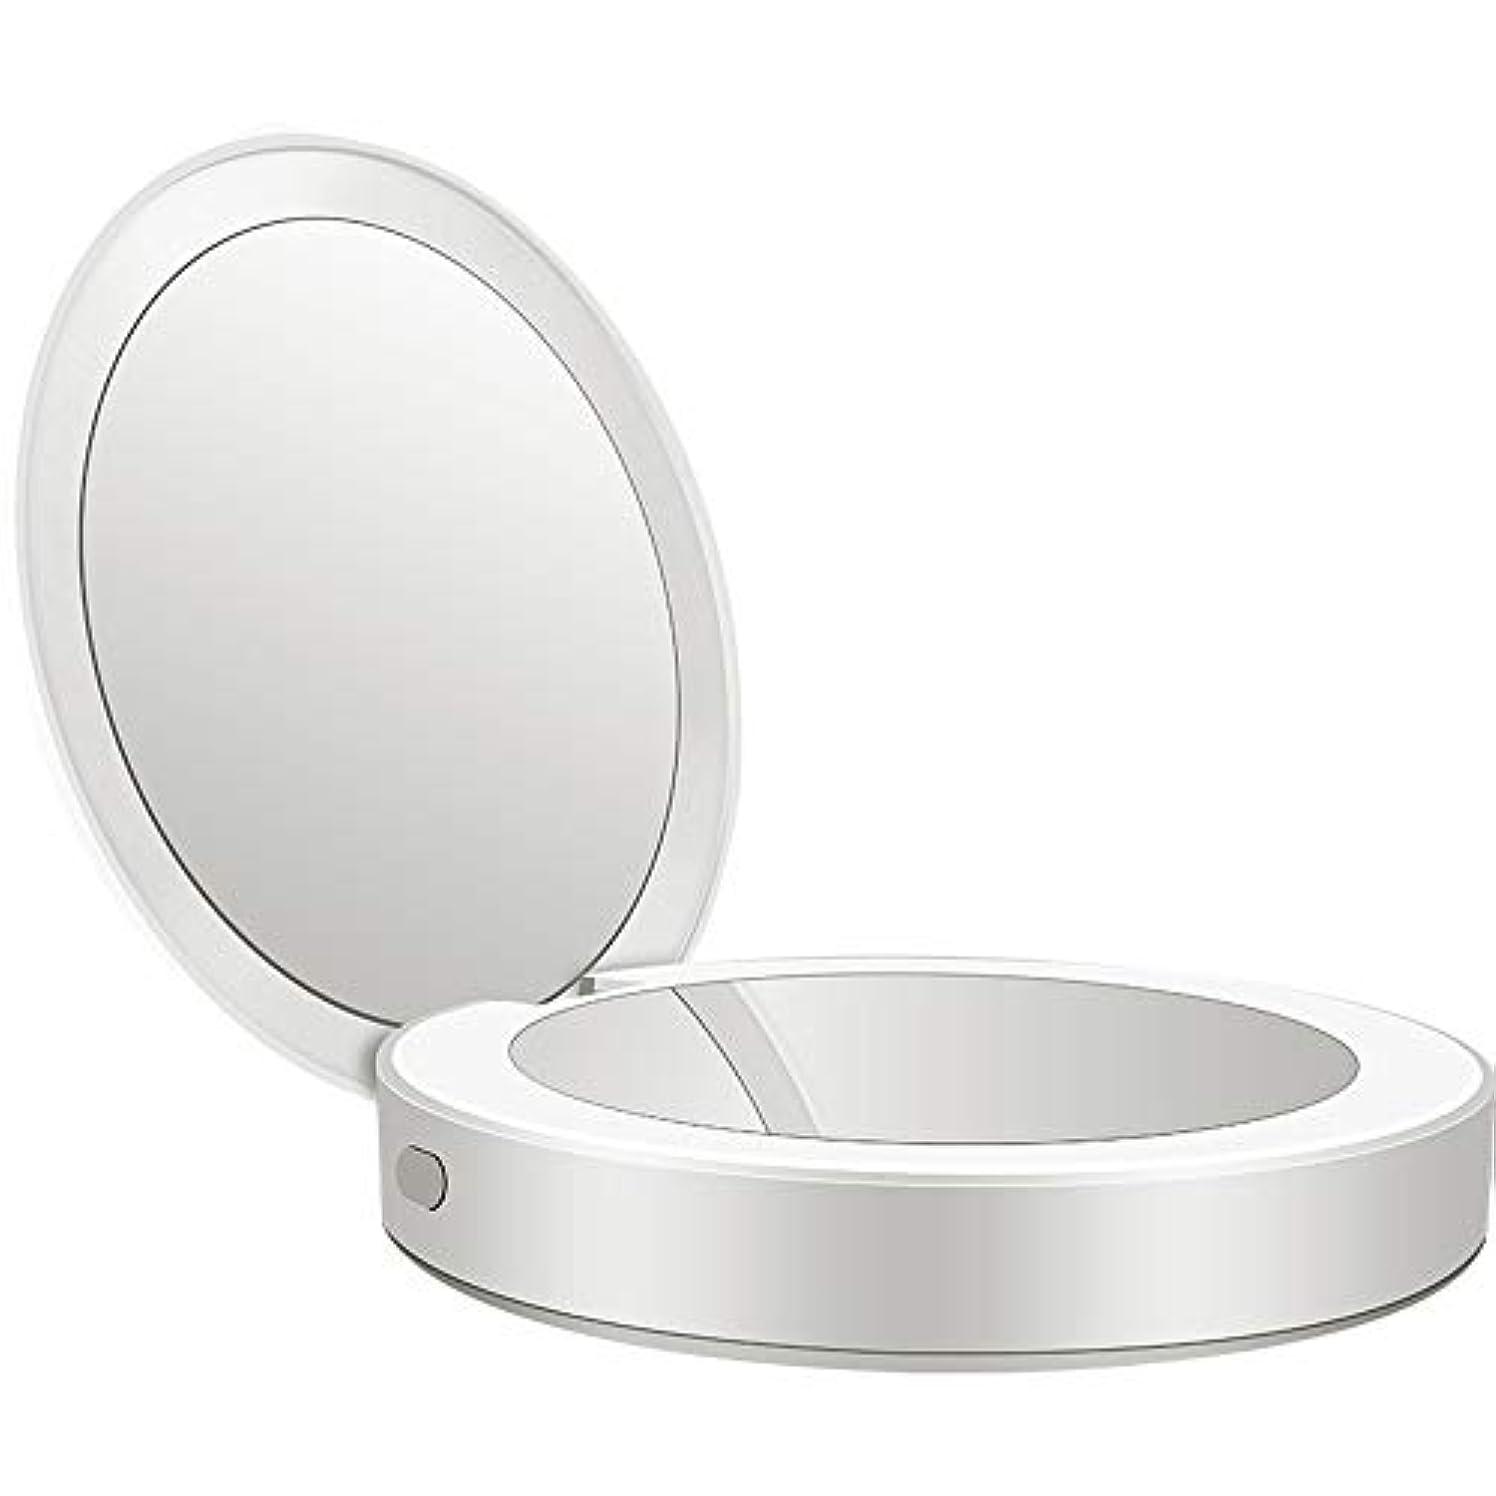 流暢ランタン受益者流行の 新しい多機能ポータブル折りたたみLEDライト化粧鏡フィルライト充電宝物鏡ABS素材ギフトギフトライト充電虫眼鏡 (色 : Silver)